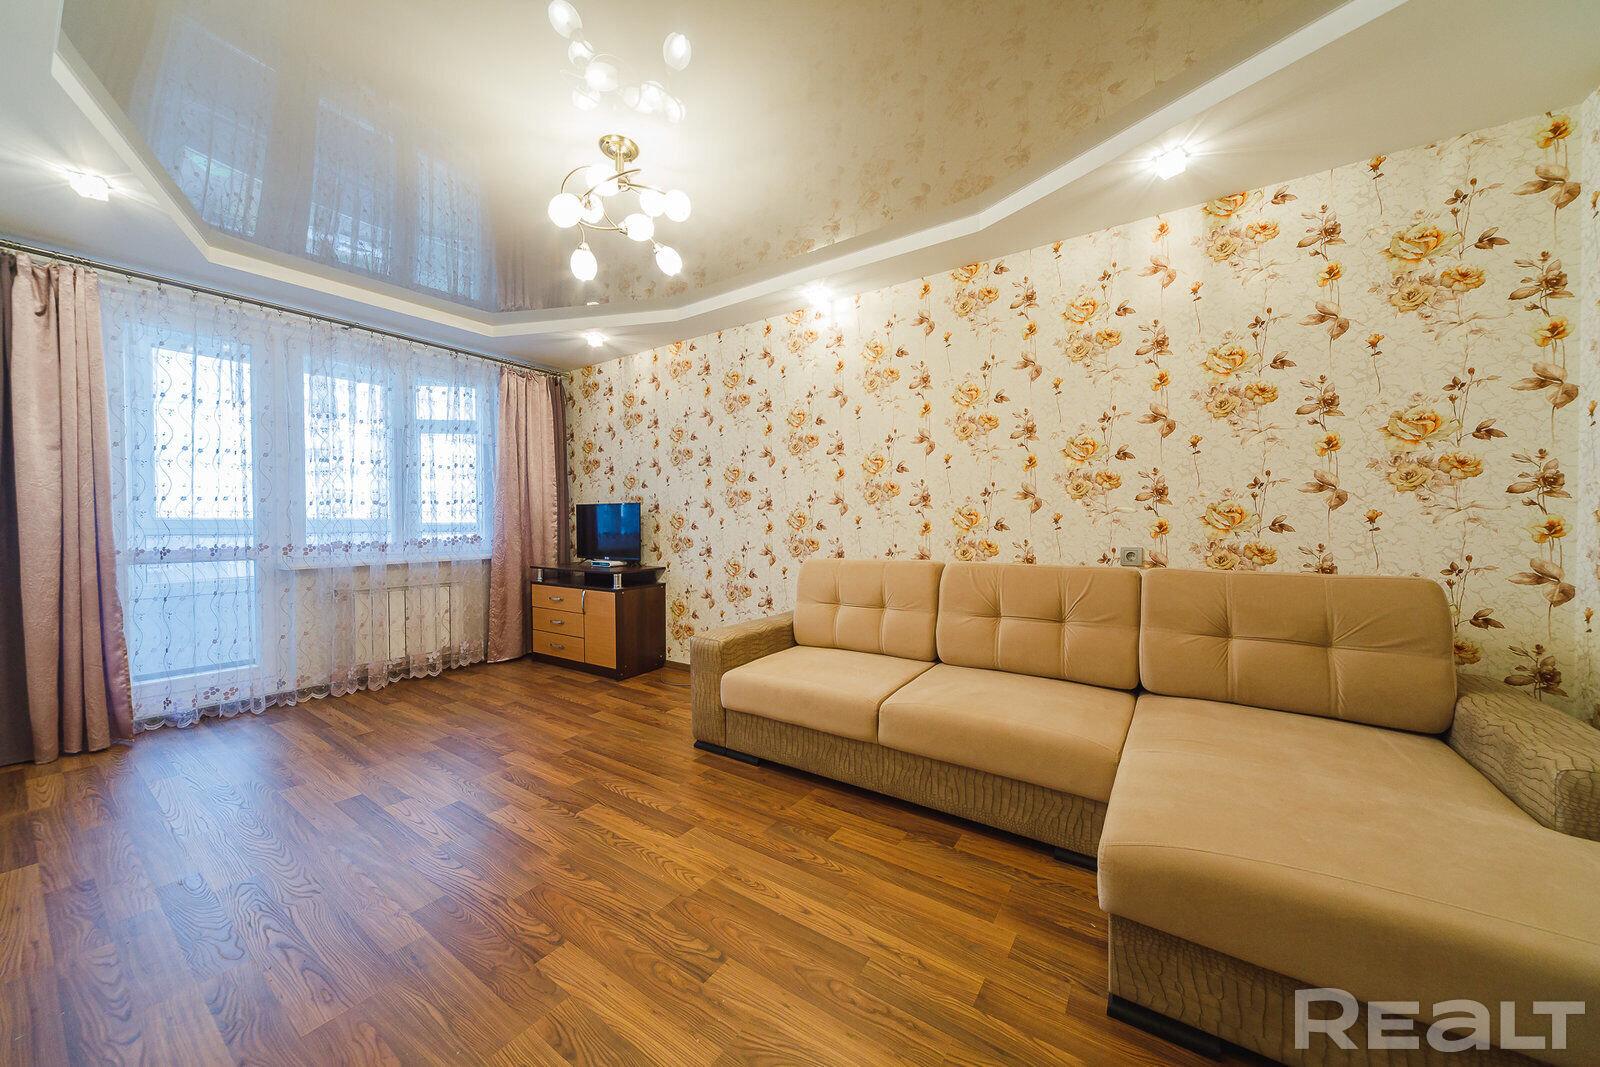 Продажа 1 комнатной квартиры в г. Минске, ул. Каменногорская, дом 108 (р-н Каменная горка). Цена 143 978 руб